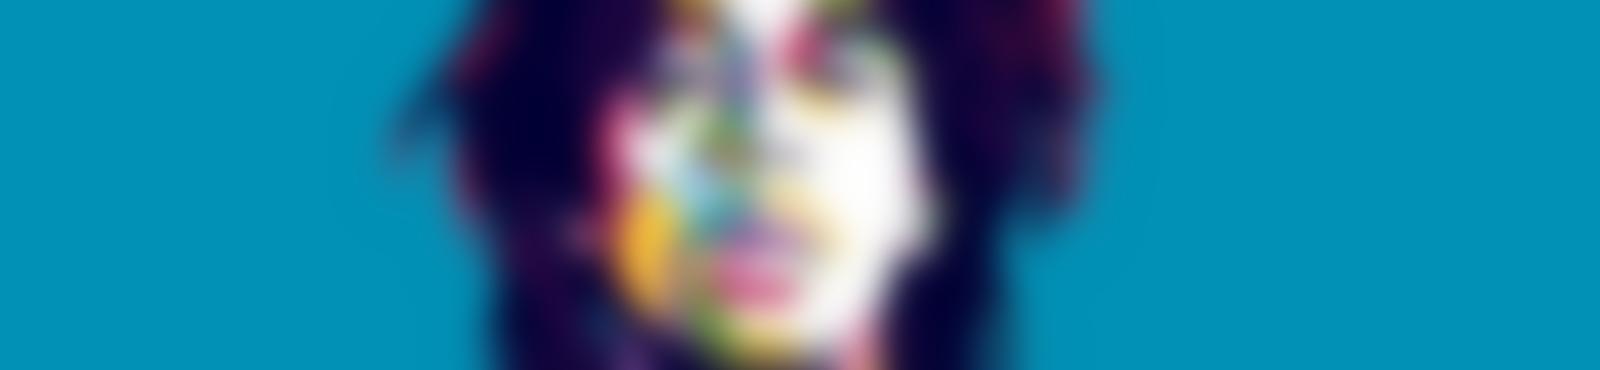 Blurred 4c7bd934 4533 4218 9872 6394fac9e03c